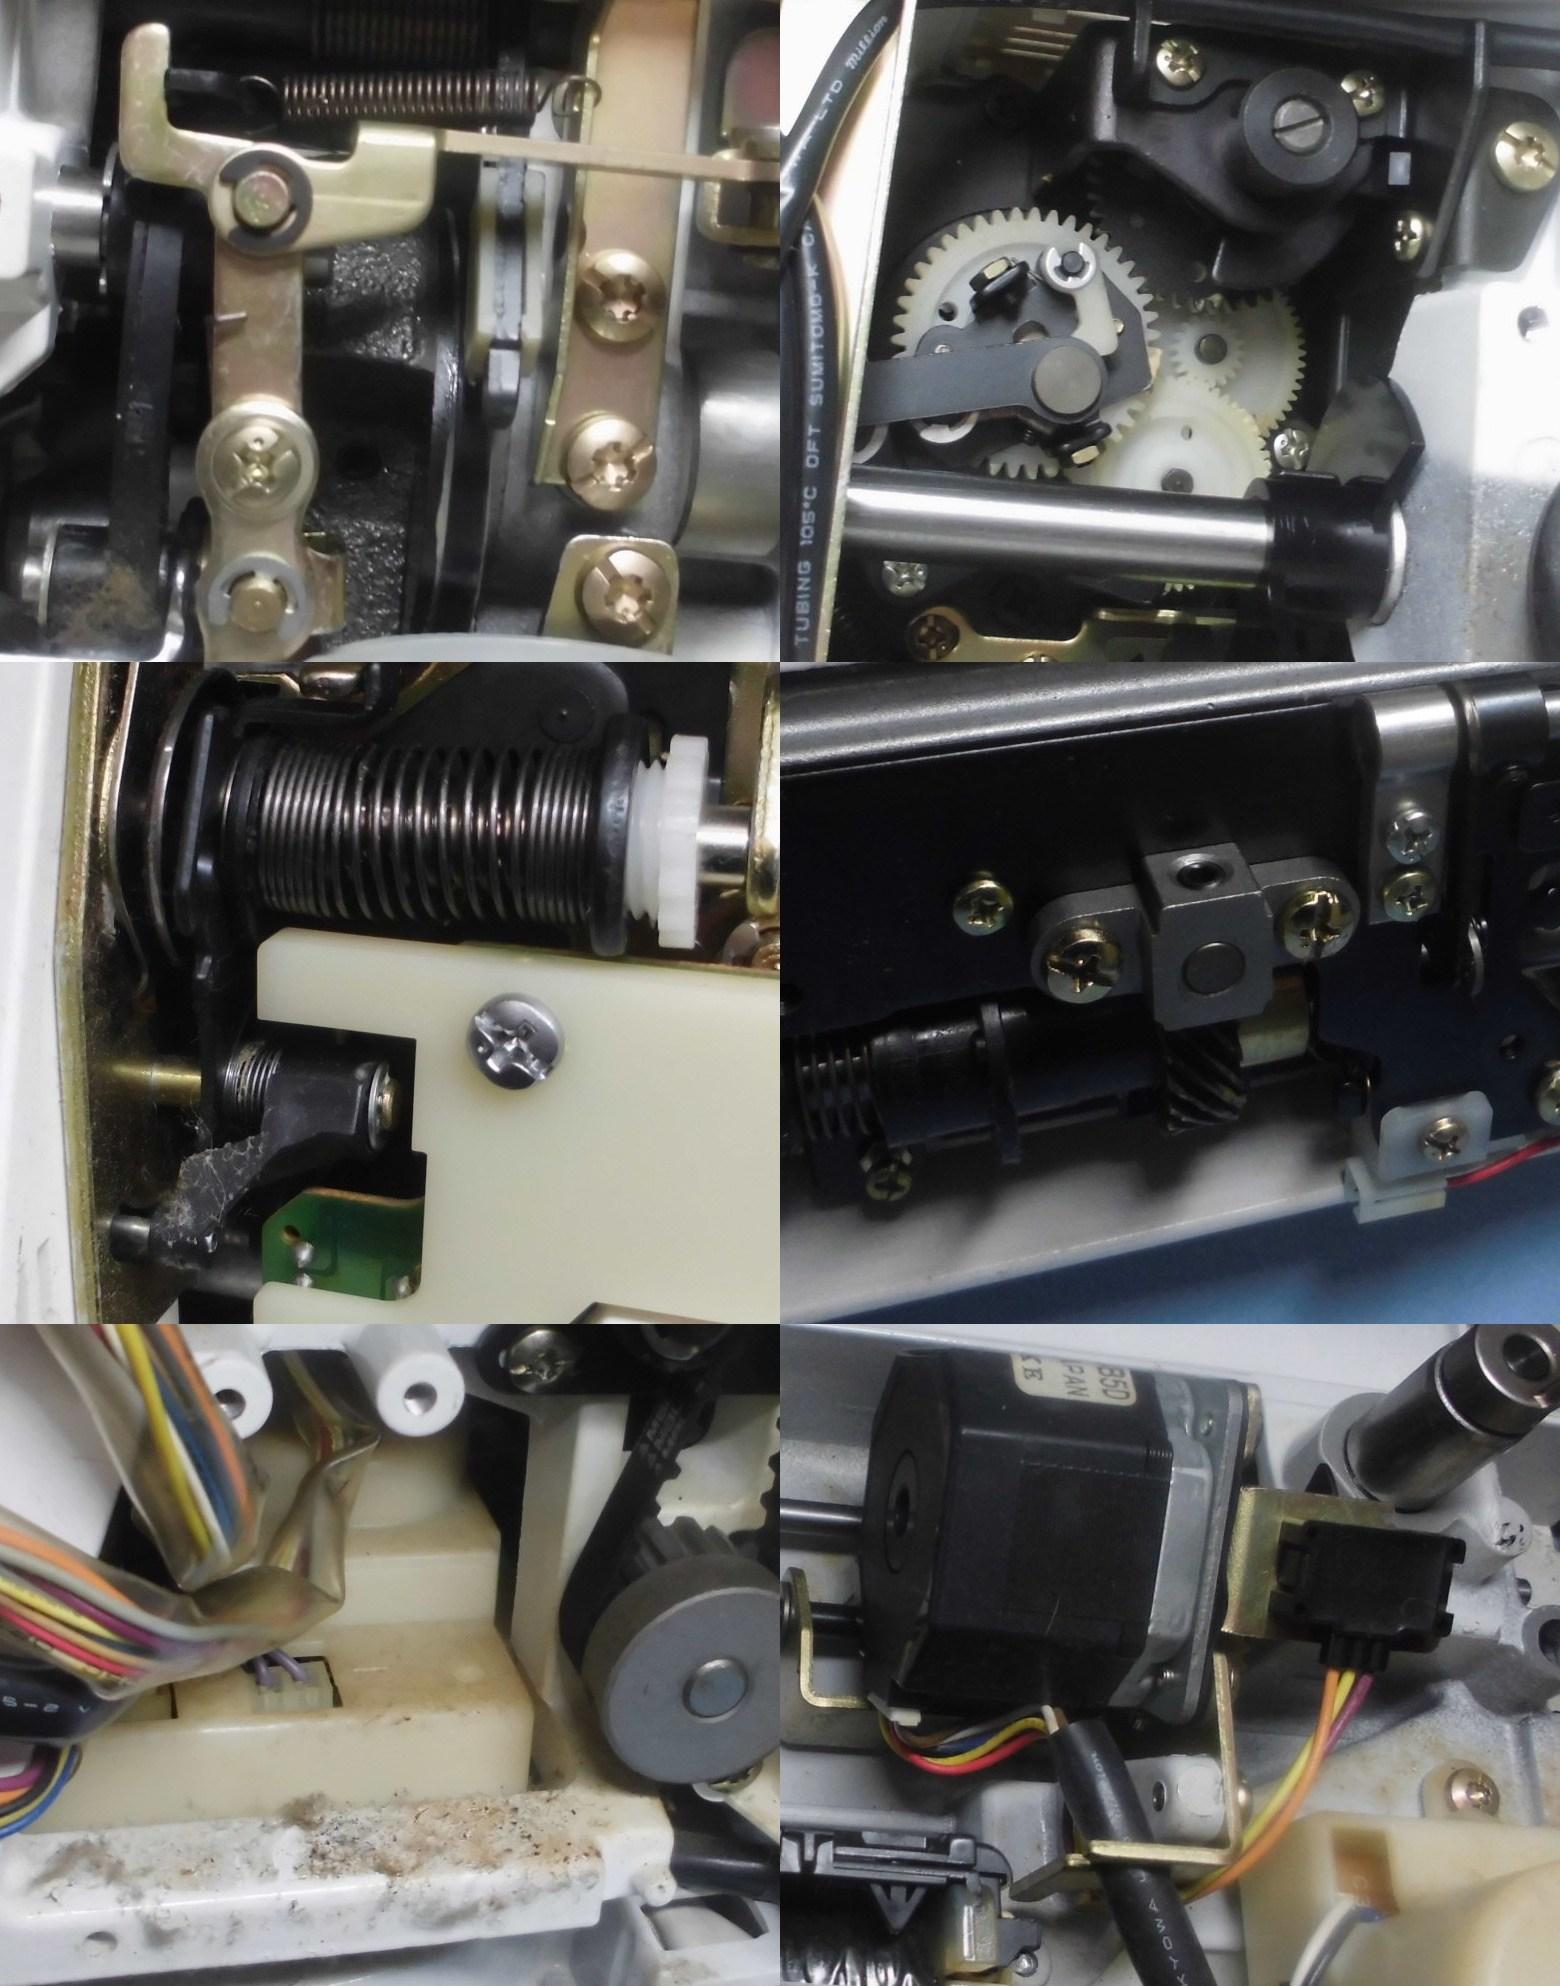 SECIO8210の分解オーバーホールメンテナンス修理|JANOMEミシン